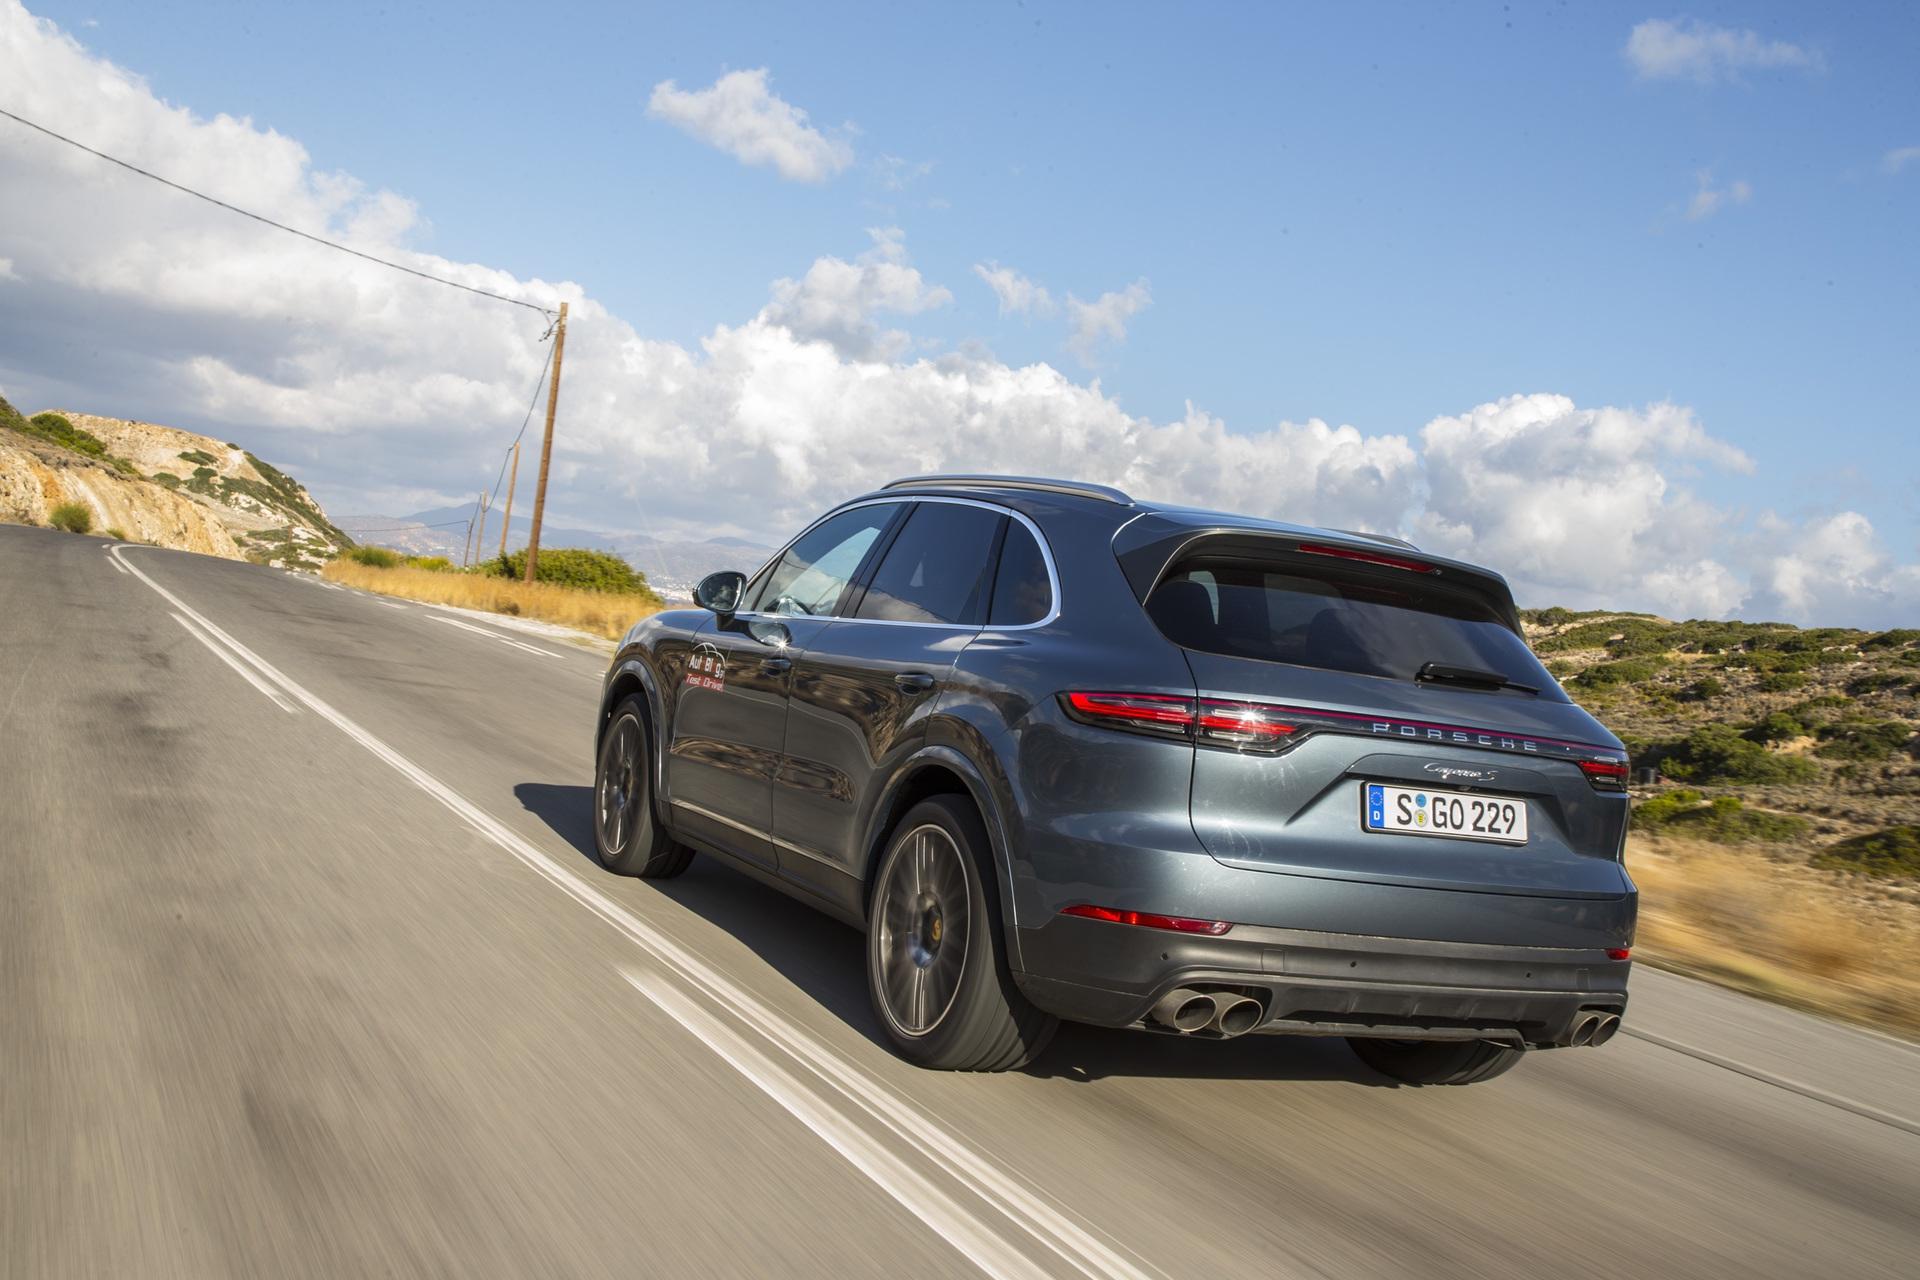 Test_Drive_Porsche_Cayenne_08